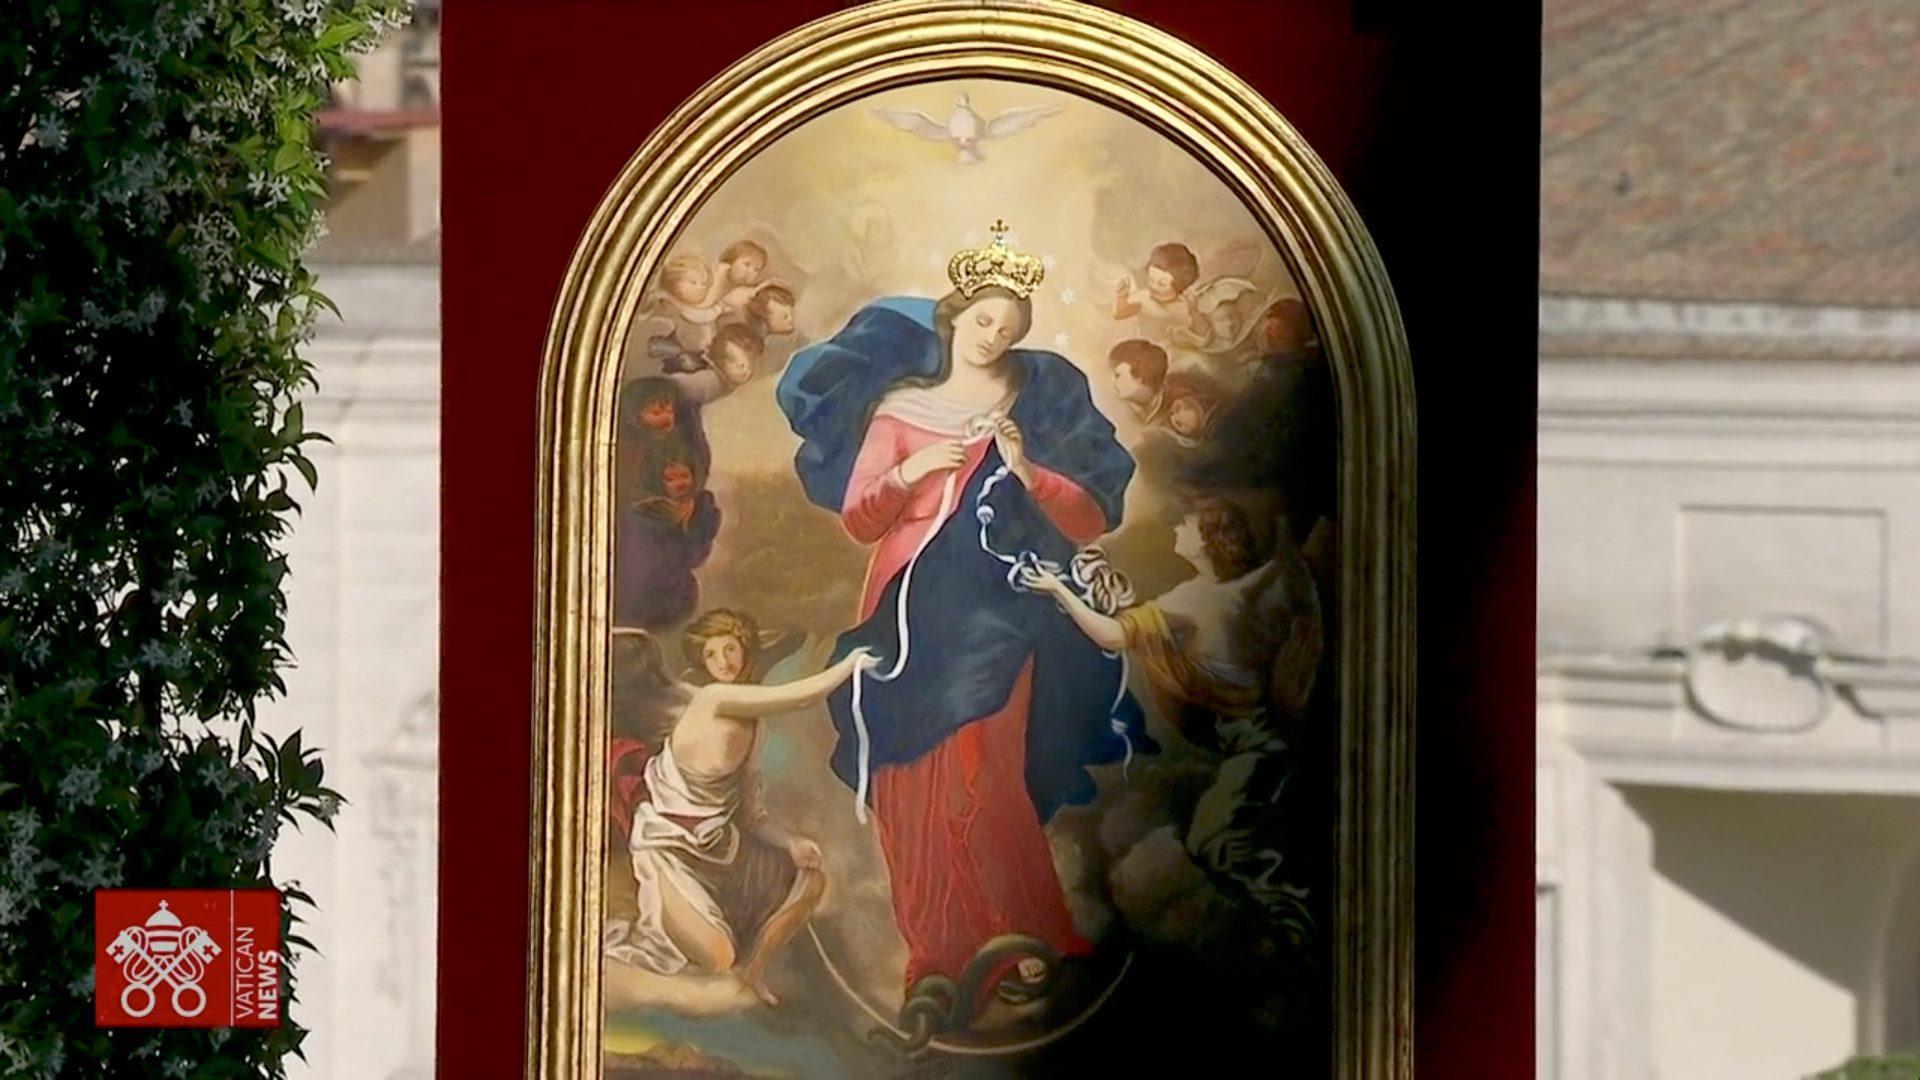 La Vierge qui défait les noeuds d'Augsbourg, couronnée par le pape François, 31 mai 2021, capture Vatican News